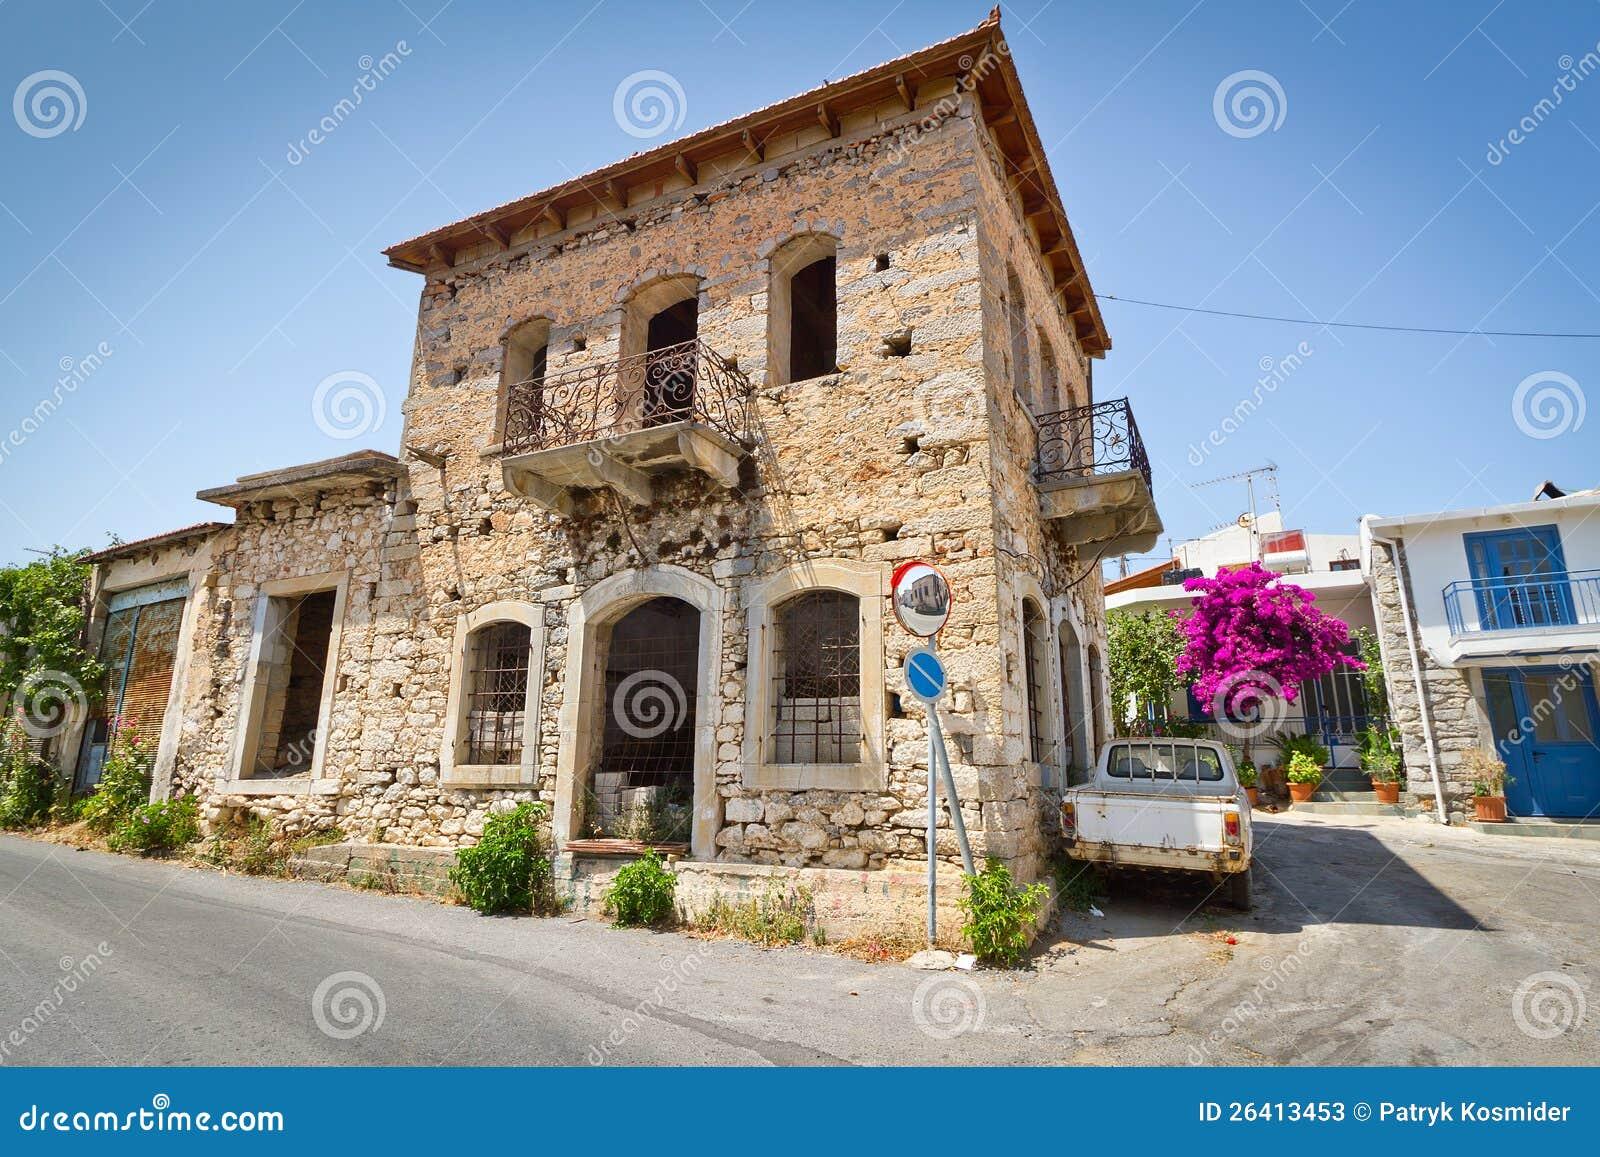 Le case greche classiche in cittadina di lasithi plat for Case arredate classiche foto